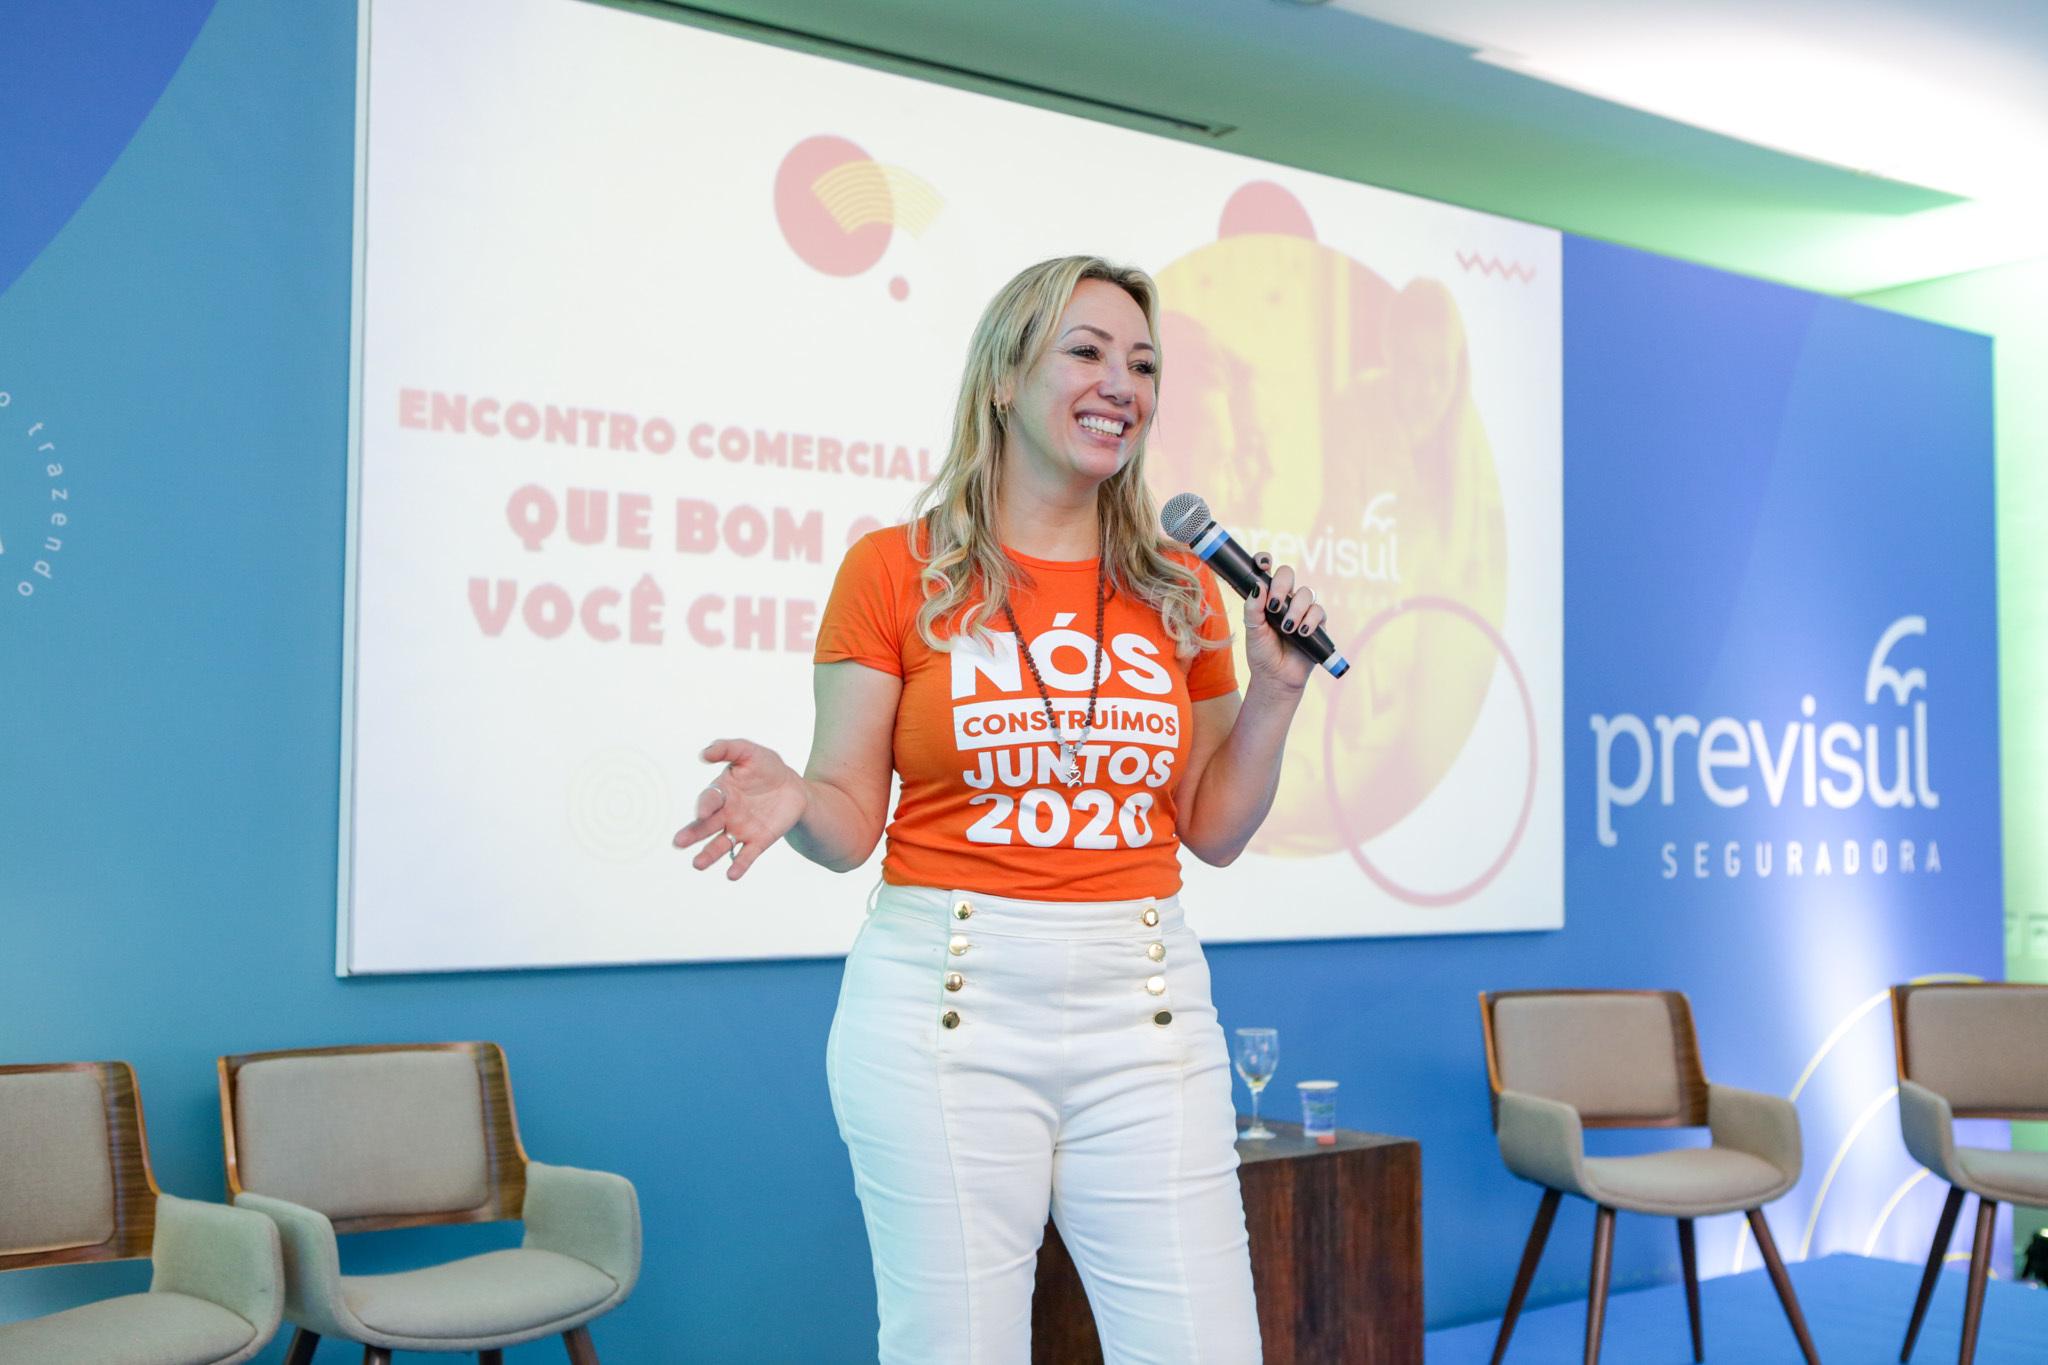 Andréia Araújo é diretora de Negócios e Marketing da Previsul Seguradora / Divulgação